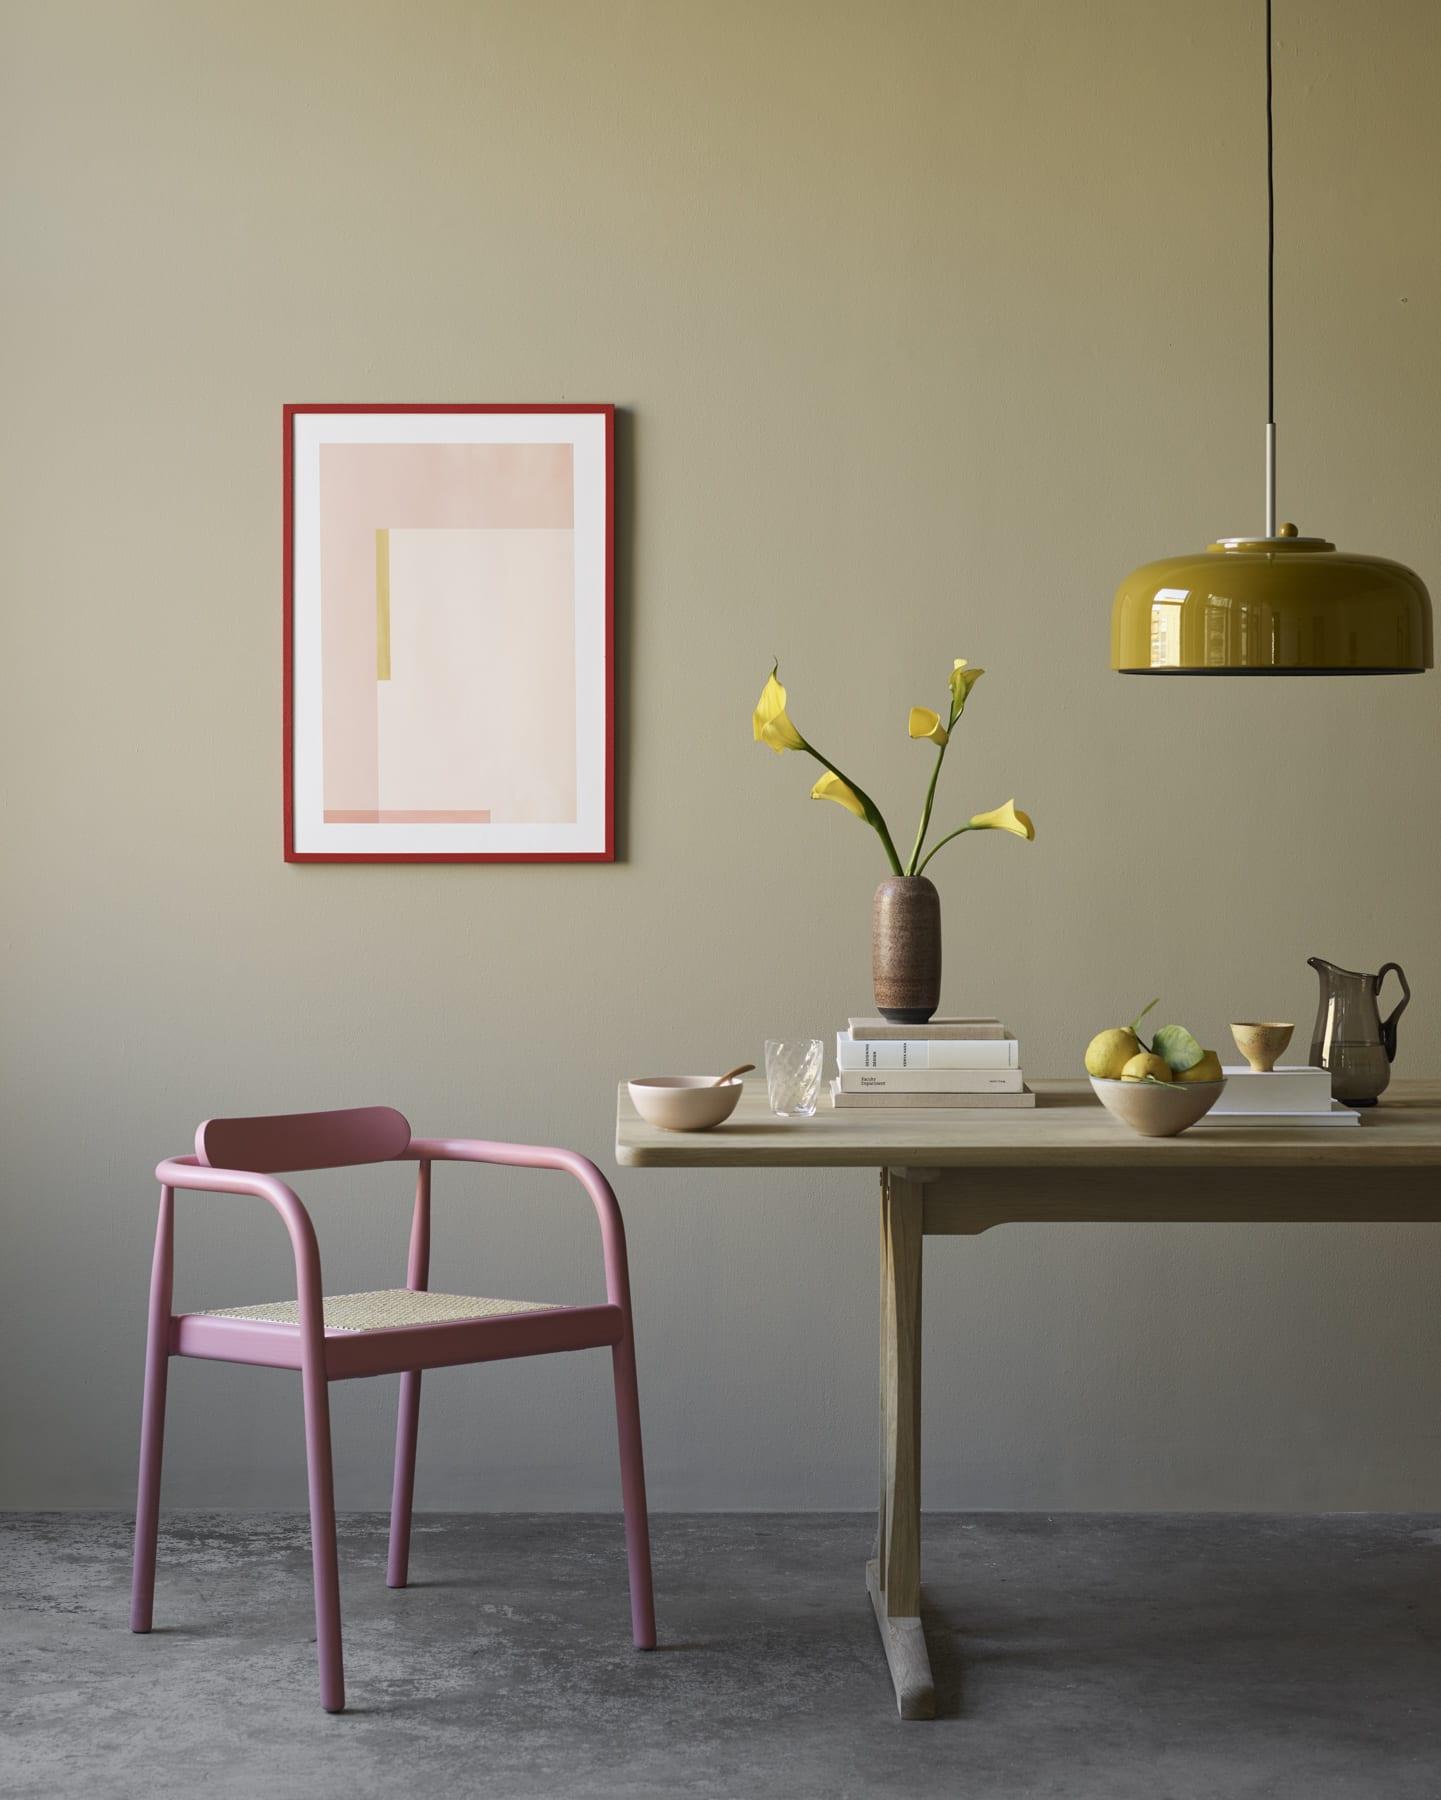 Frame Paint - Scarlet